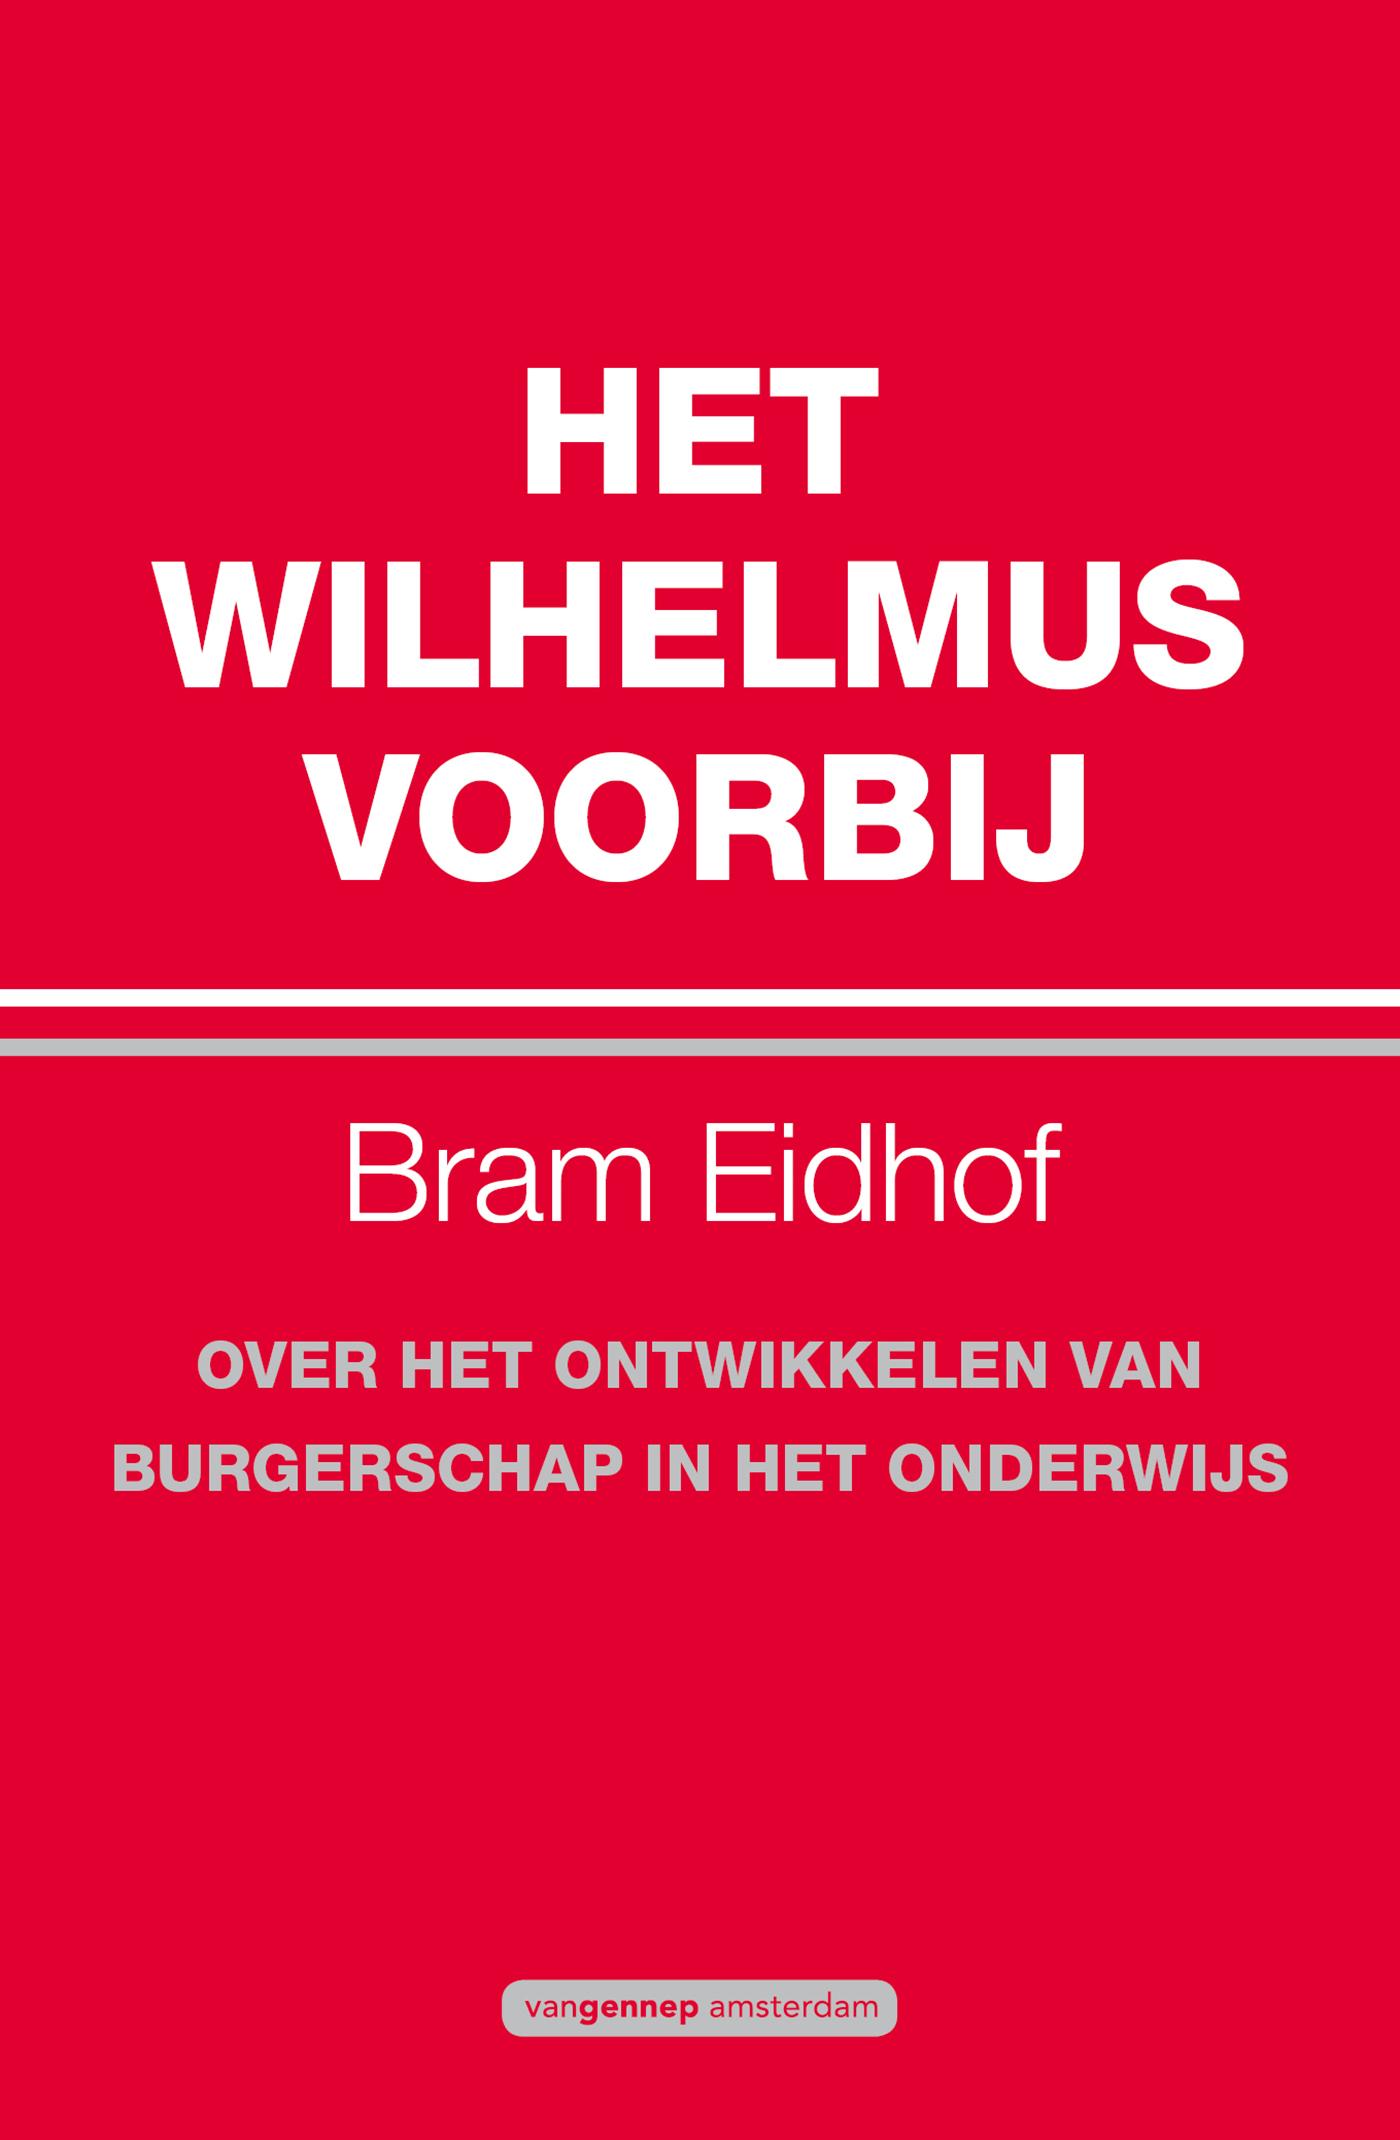 Cover Het Wilhelmus voorbij